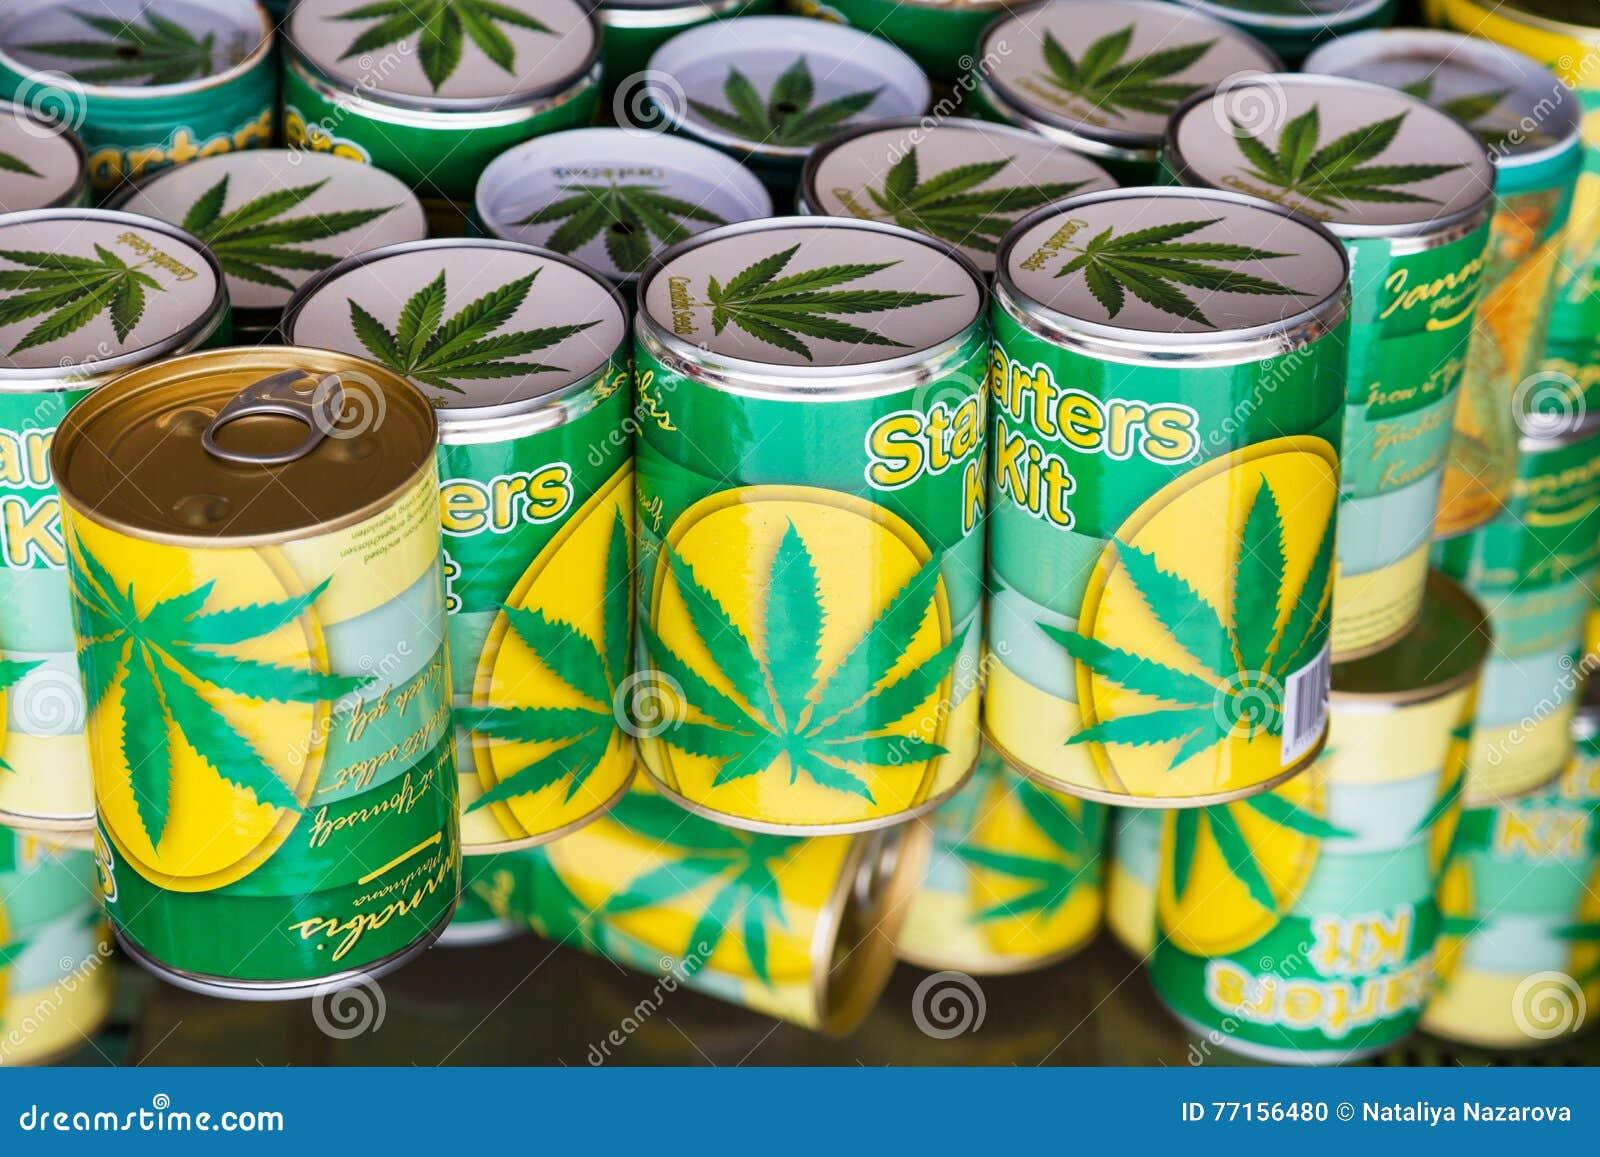 Boîtes avec des graines de cannabis à vendre sur un marché à Amsterdam